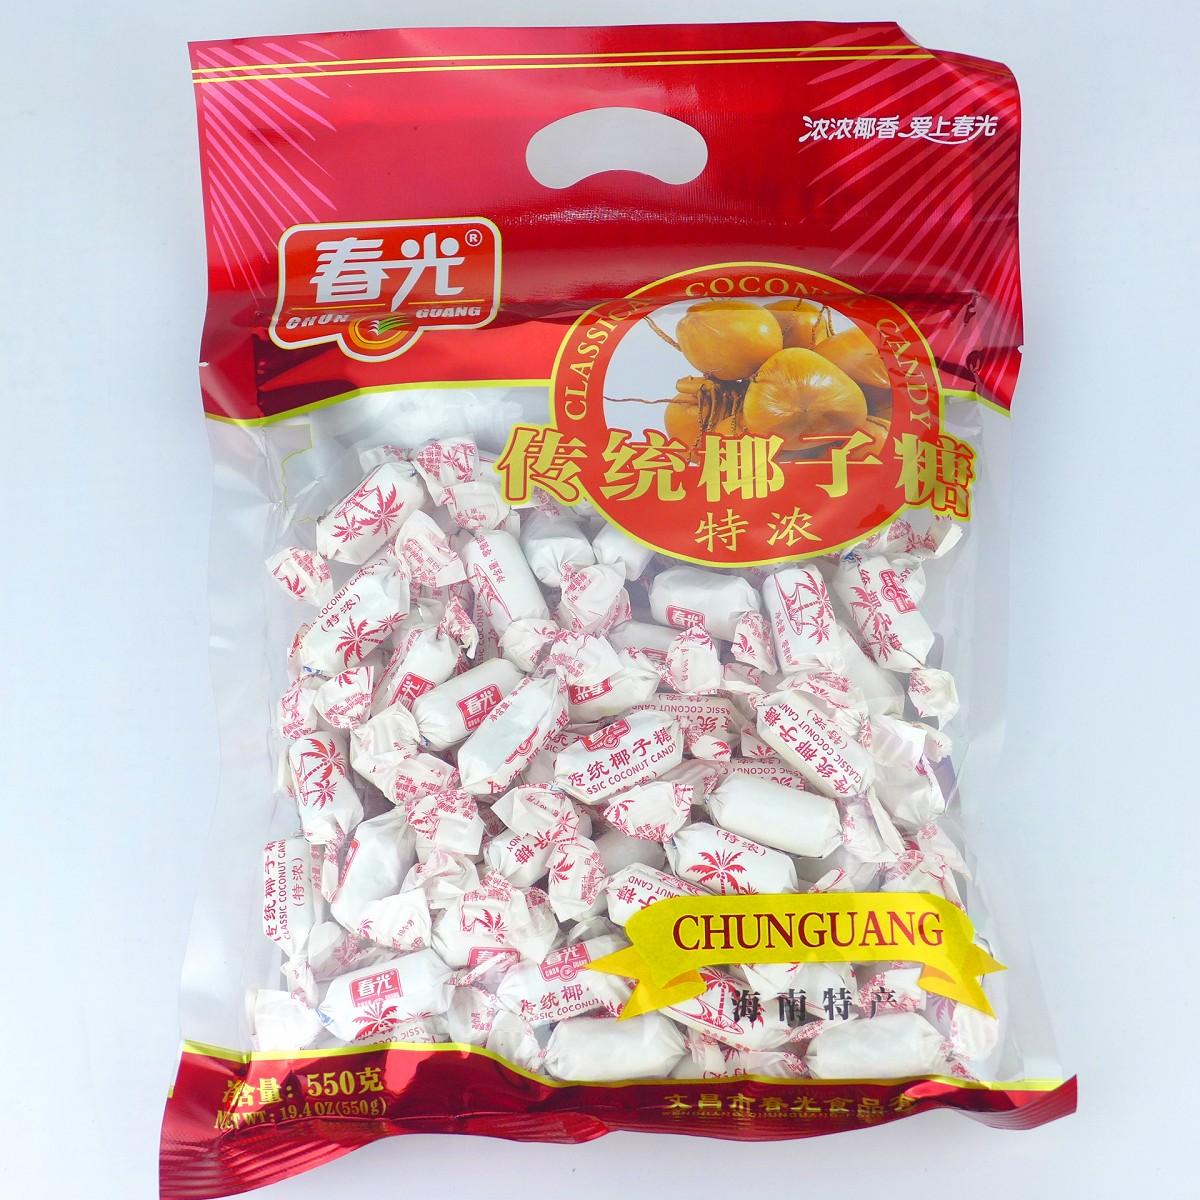 Хайнань специальности Молл, более 60 по электронной почте подлинной защиты весны традиционных кокосовых конфет (эспрессо) 550 грамм